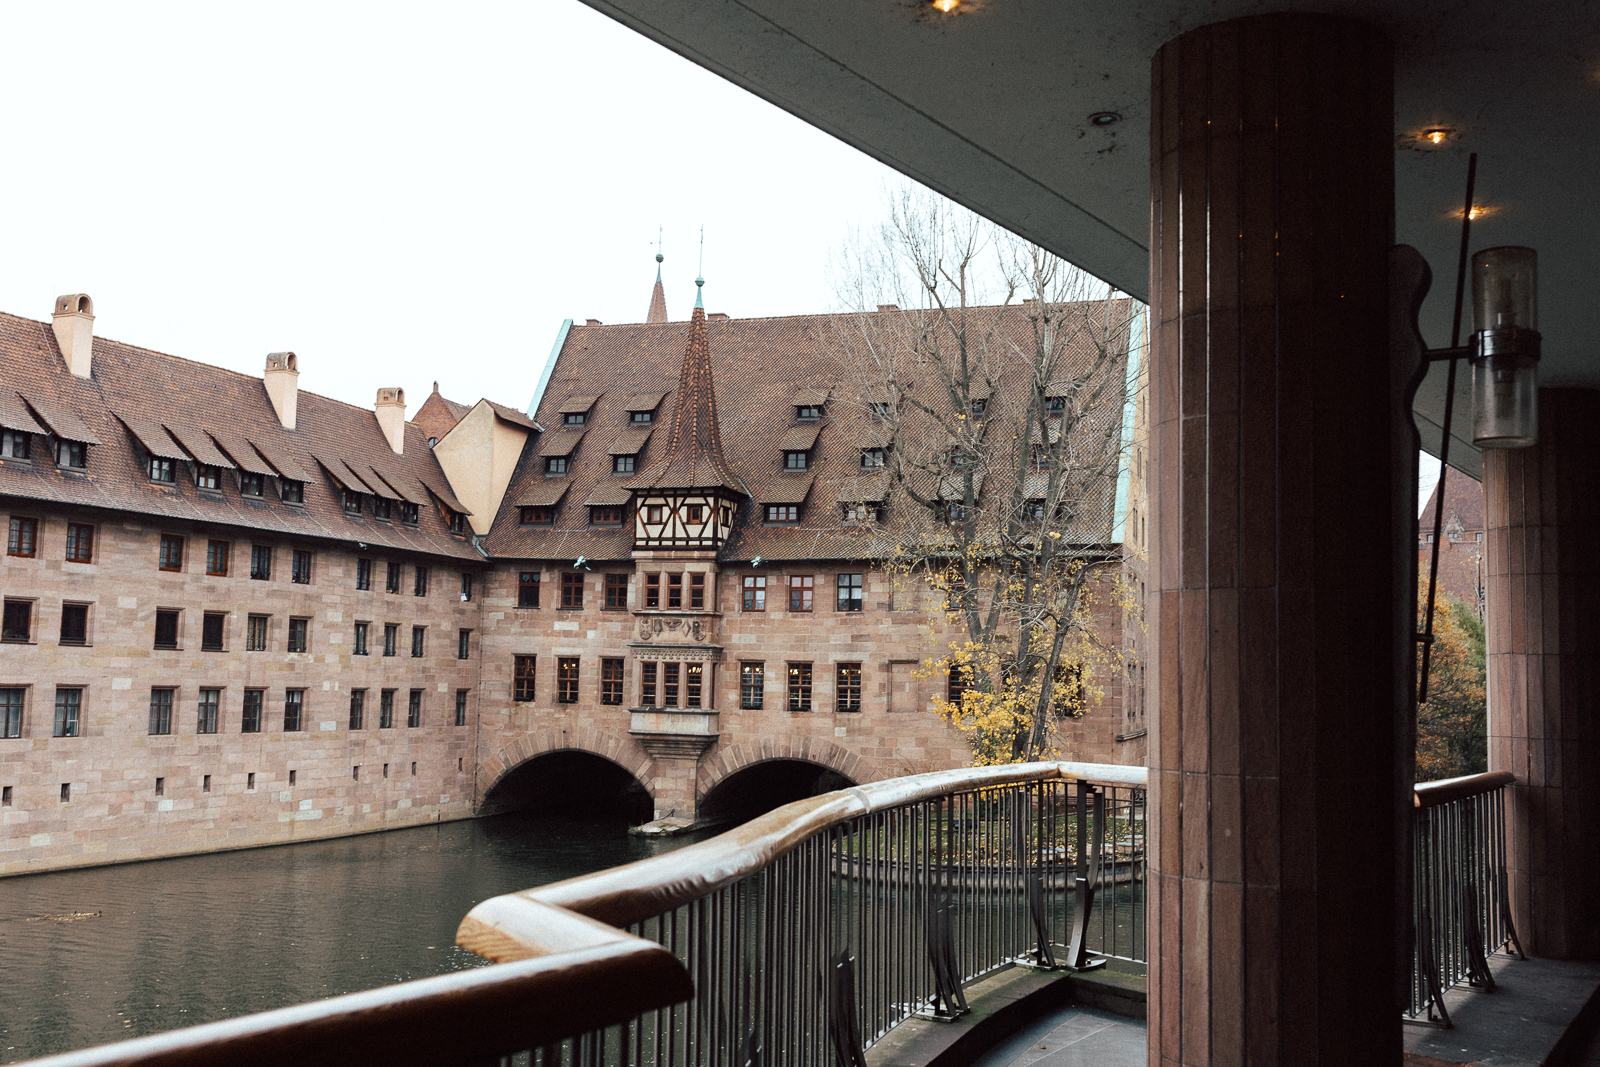 URBANERIE_Daniela_Goth_Fotografin_Nürnberg_Fürth_Erlangen_Schwabach_171110_001_0073